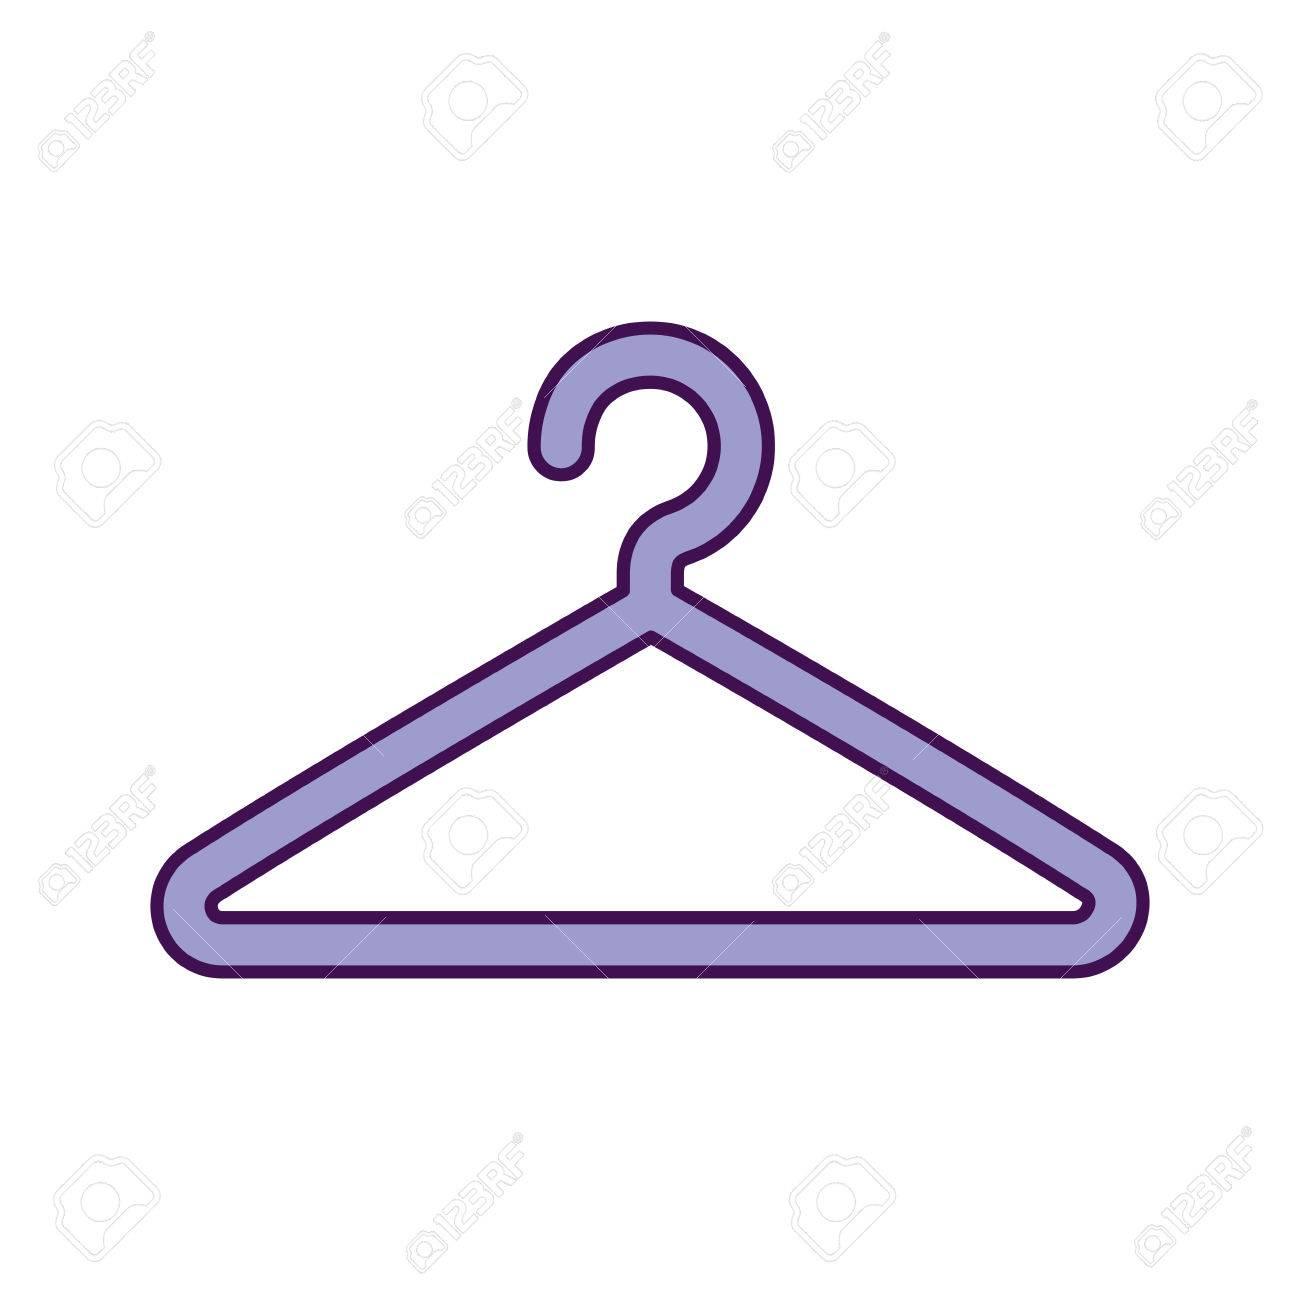 Draht Wäscheklammer Isoliert Symbol Vektor-Illustration Design ...